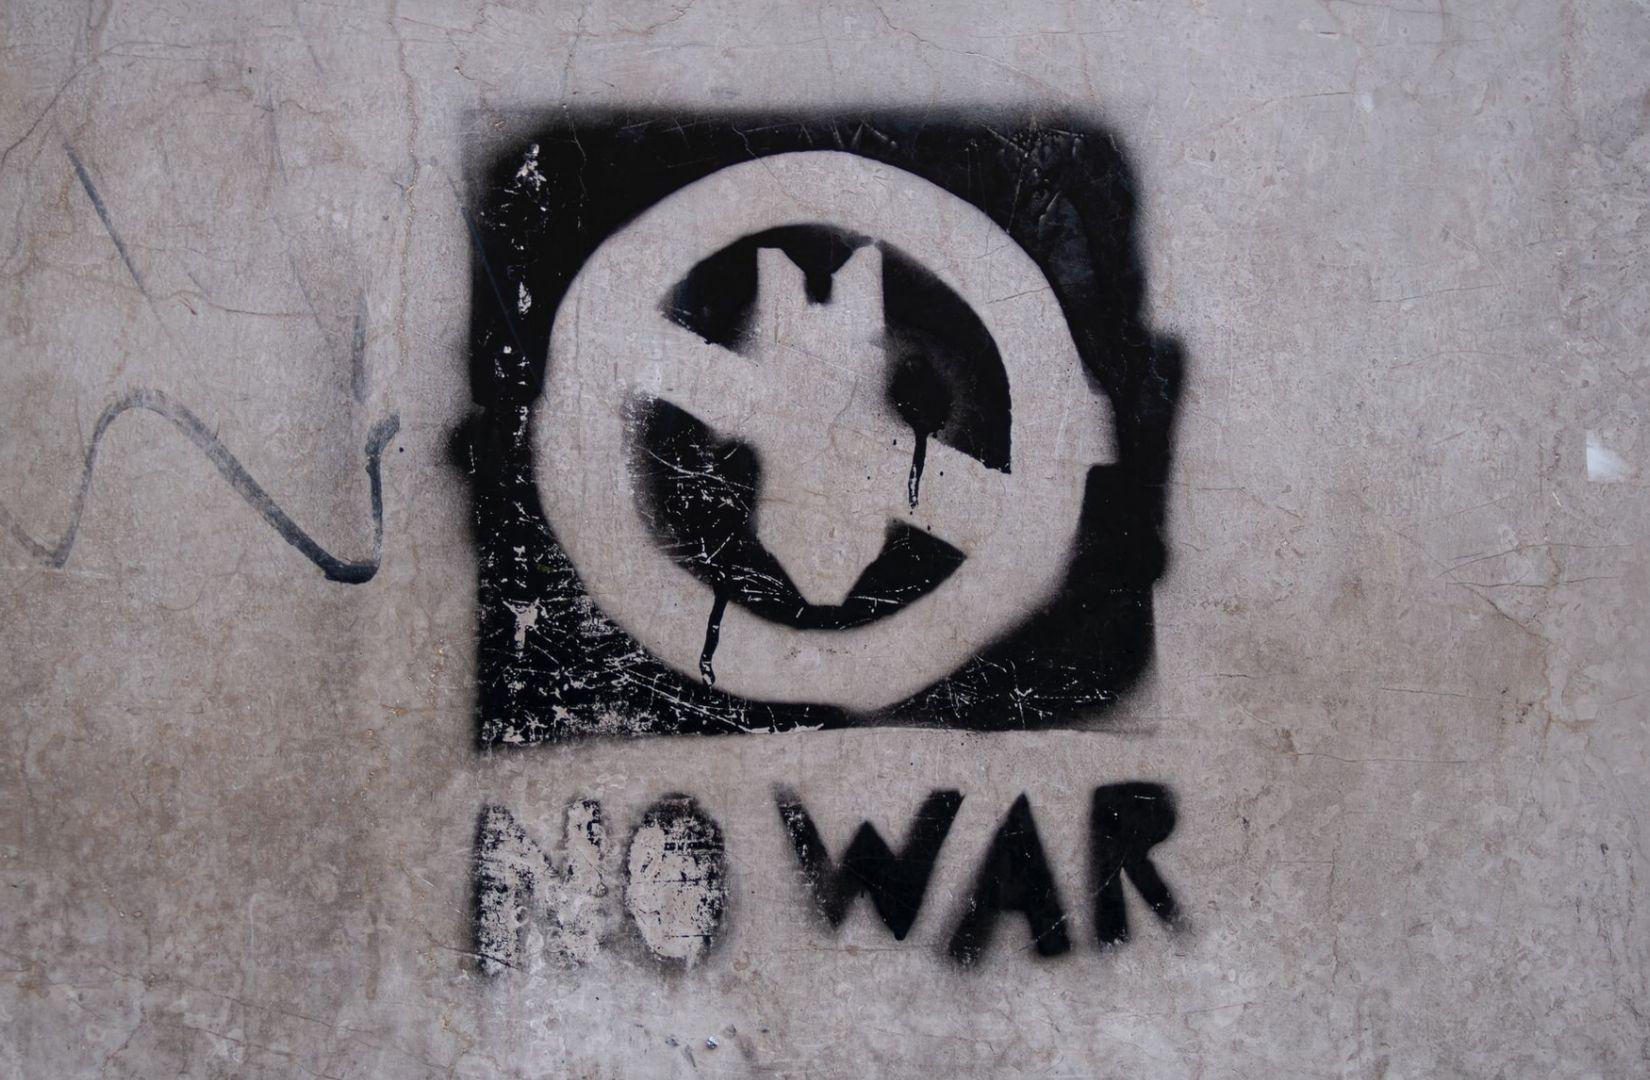 Eine Welt ohne Krieg. (Foto: Egor Myznik, Unsplash.com)